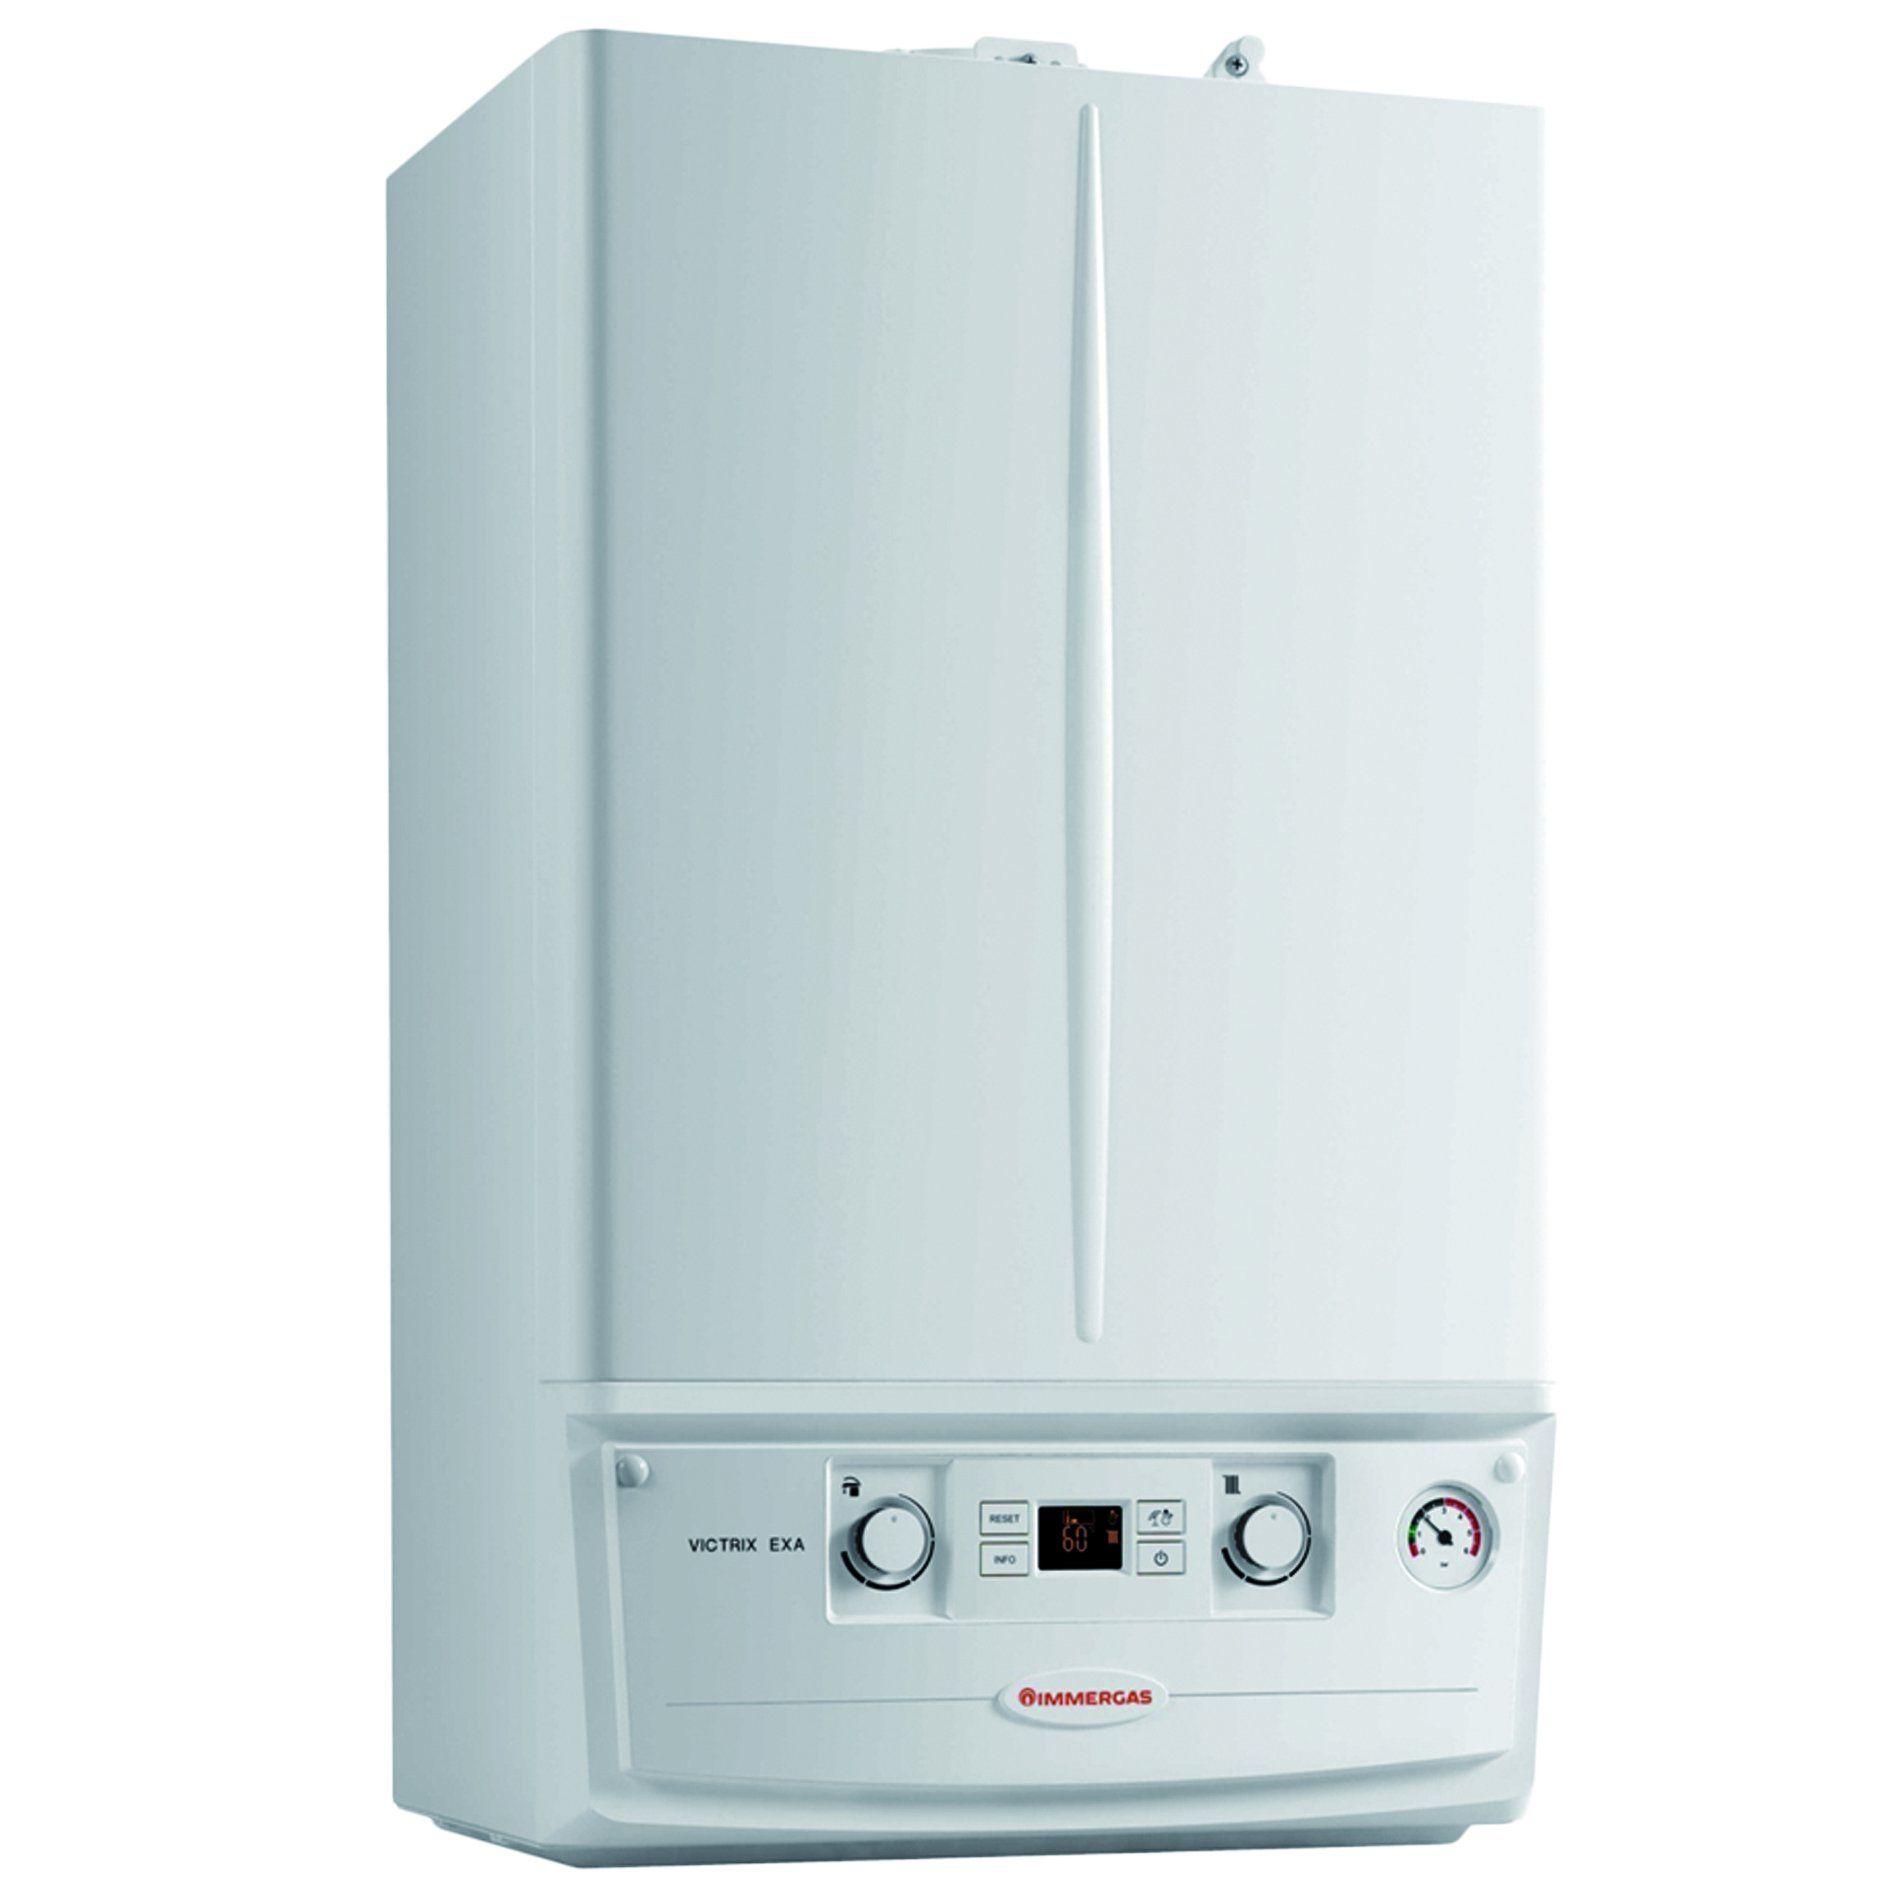 Calderas de condensación instantáneas Victrix Exa: Servicios de Instalaciones RR